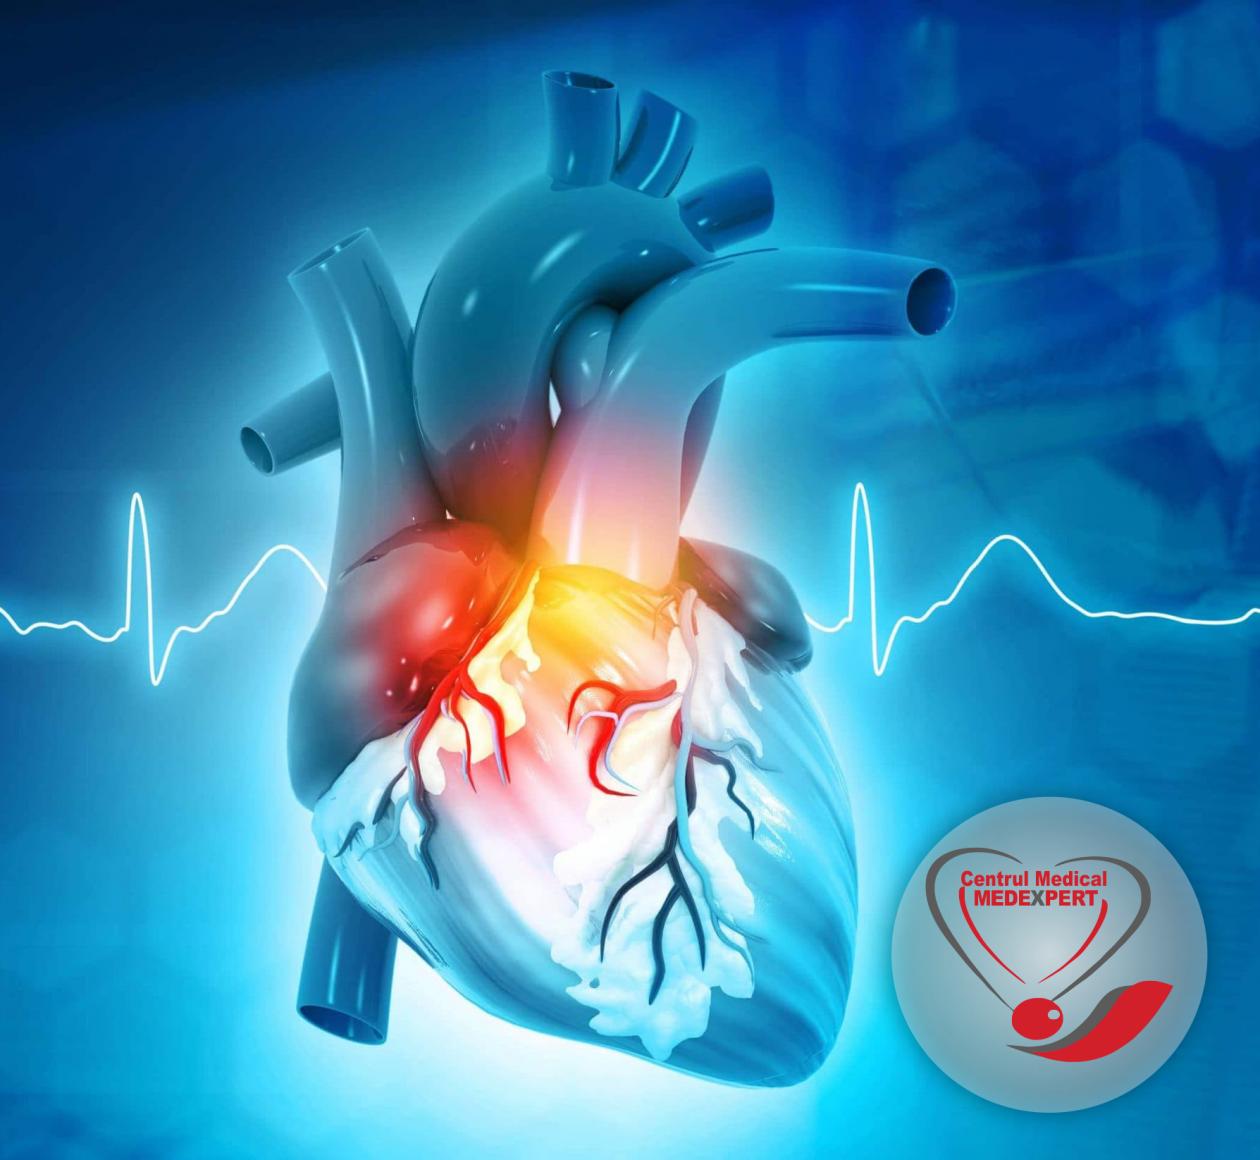 Serviciu nou: Cardiologie